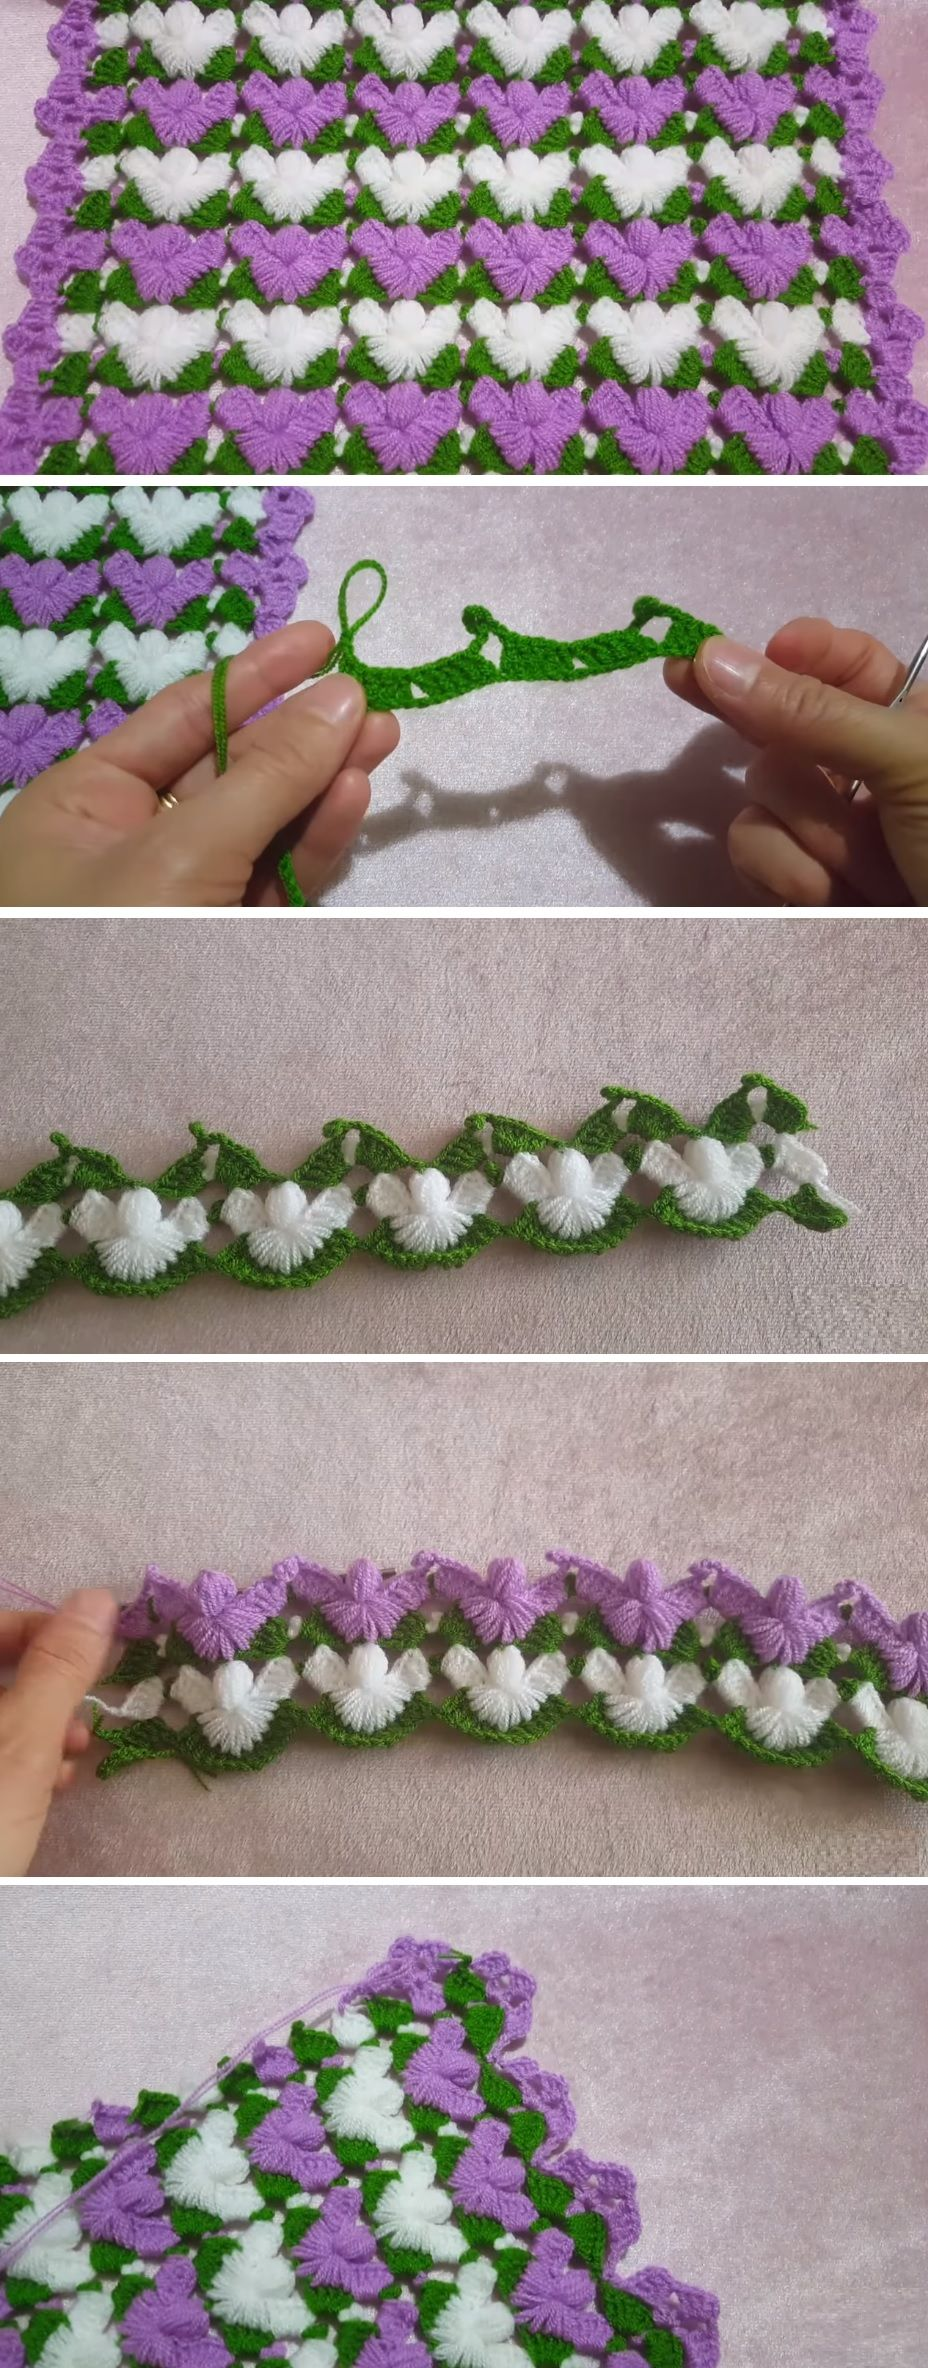 Crochet Tutorial – Beautiful Wing-Like Stitch to Make